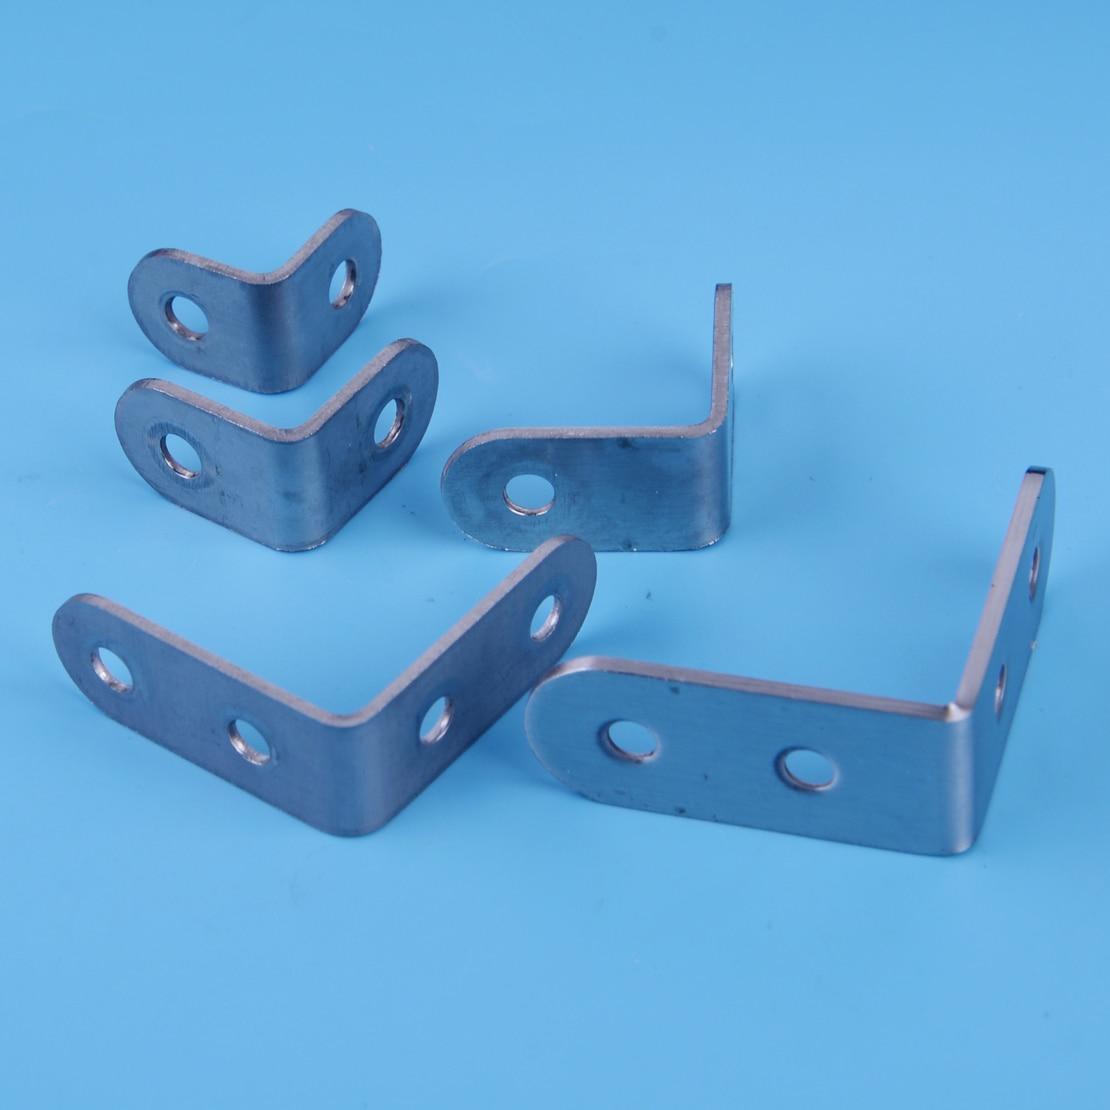 LETAOSK 10pcs Stainless Steel 90 Degree L Shape Right Angle Bracket Corner Brace Joint For Shelf Support